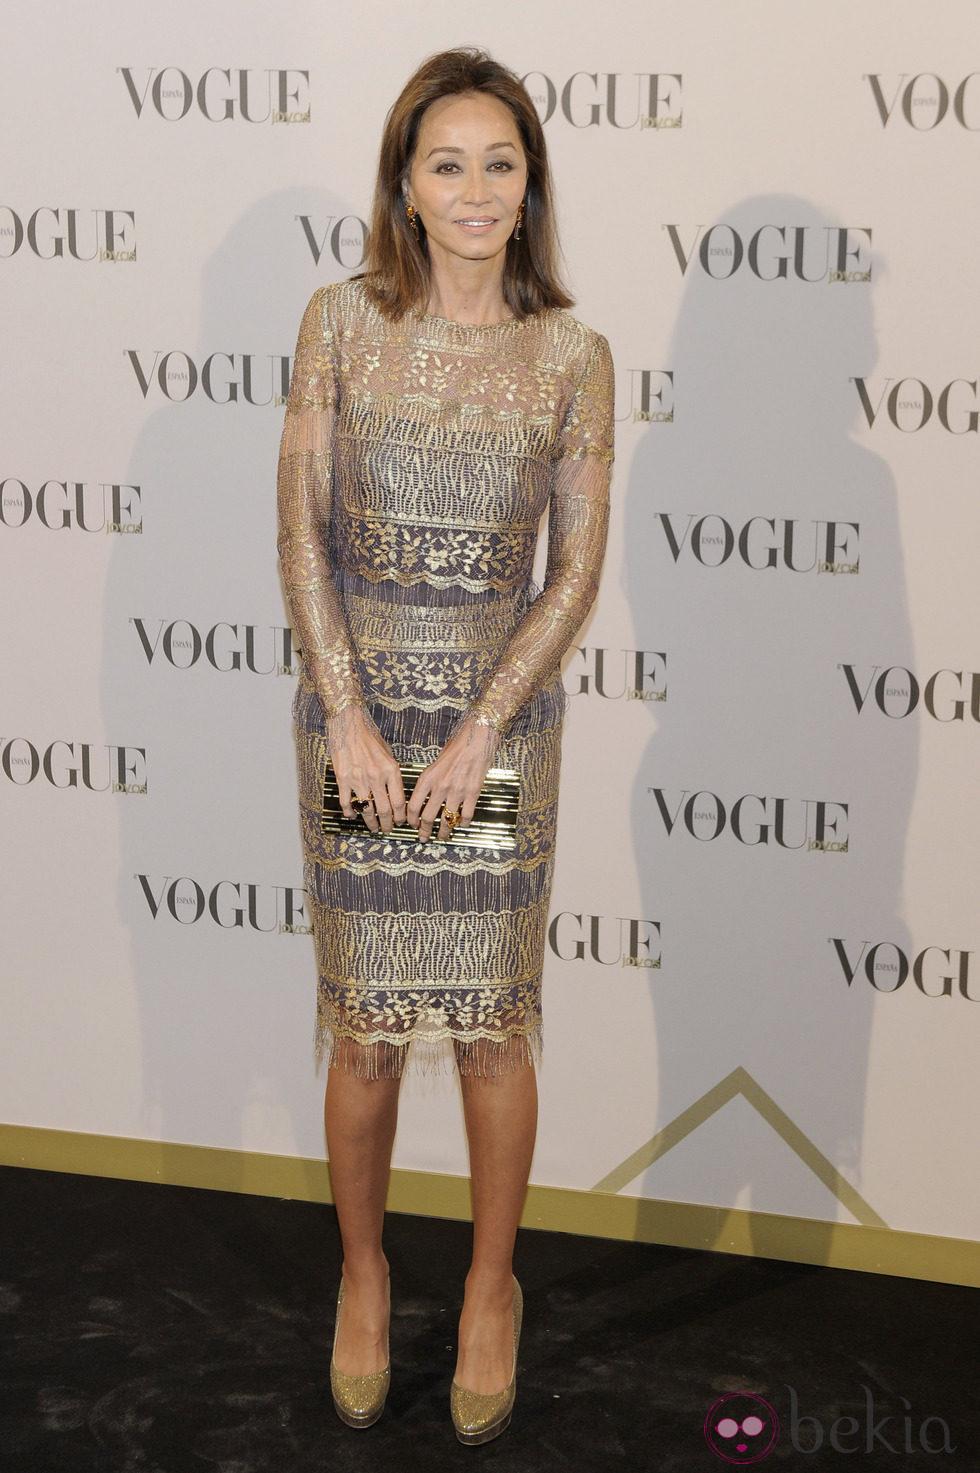 Isabel Preysler en los Premios Vogue Joyas 2013